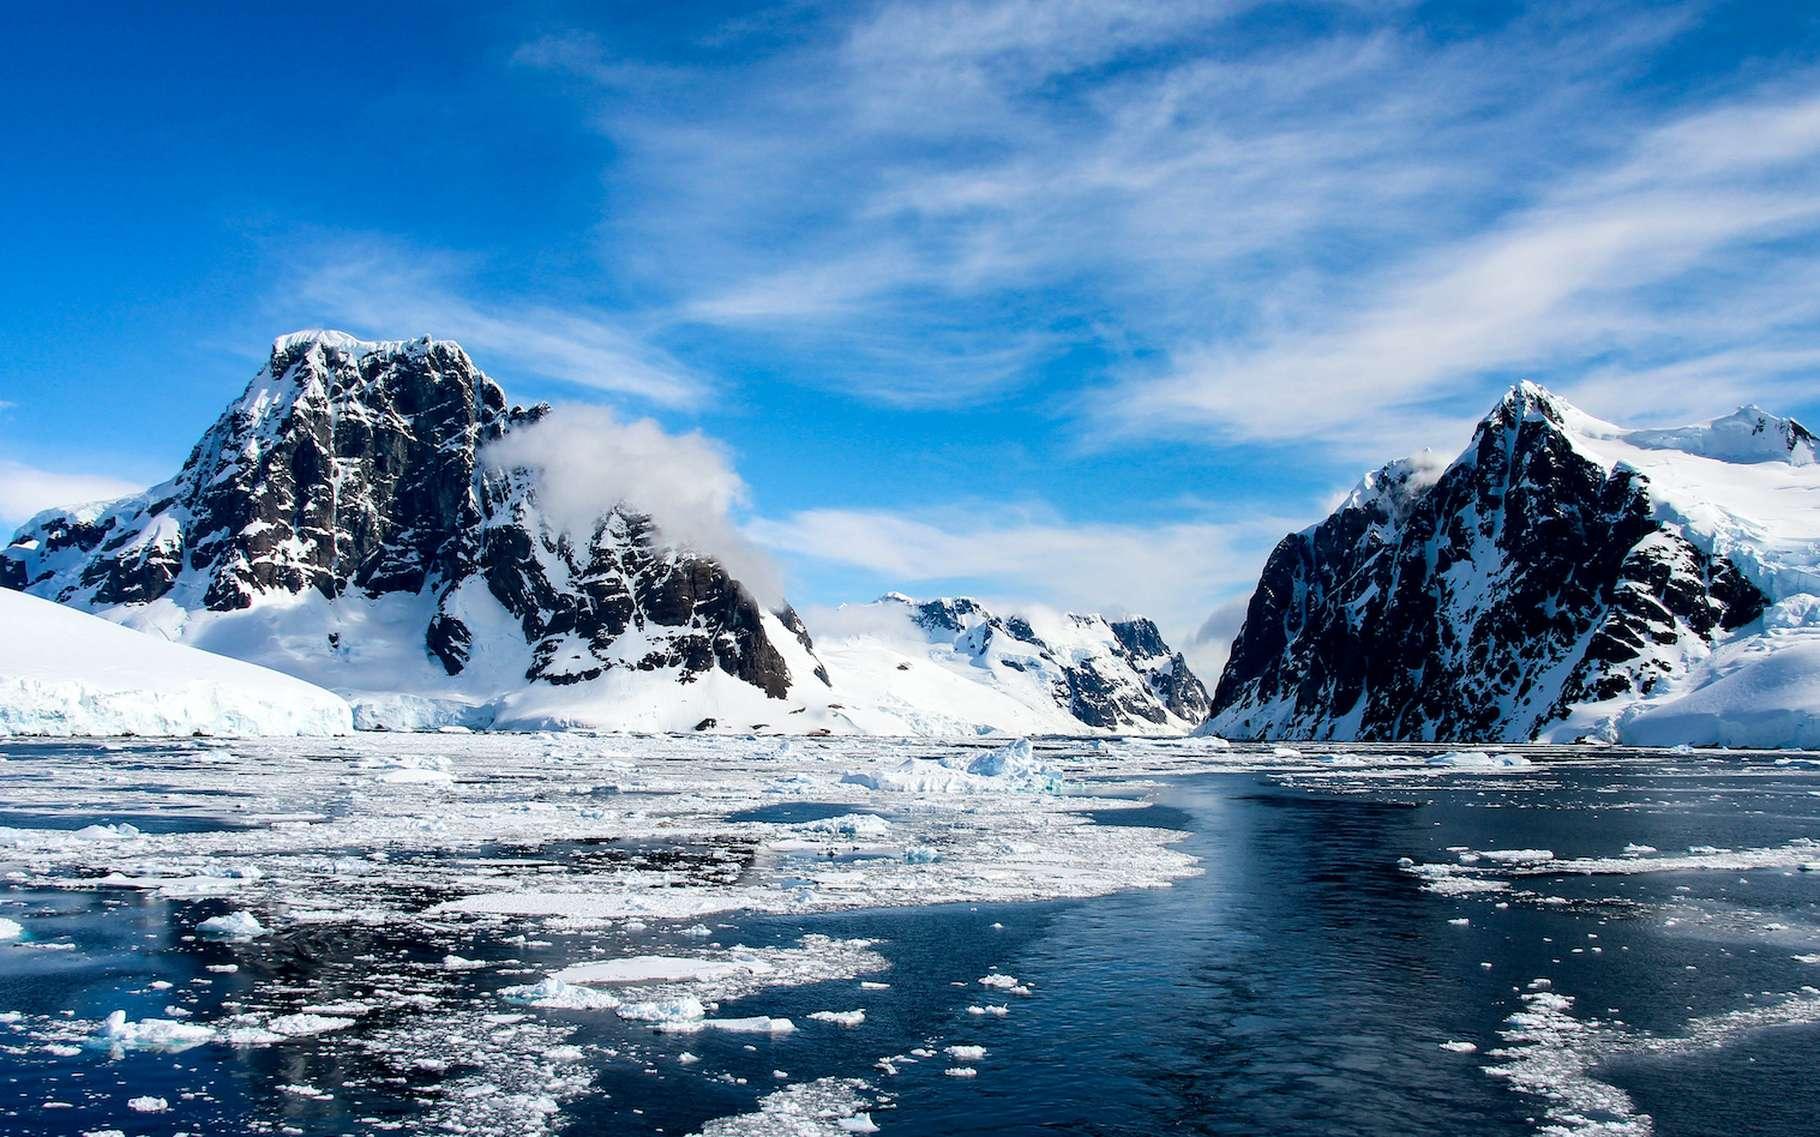 Après la vague de chaleur qu'a connue l'Antarctique il y a quelques jours, les glaces ont fondu de manière tout à fait inhabituelle. © evenfh, Adobe Stock